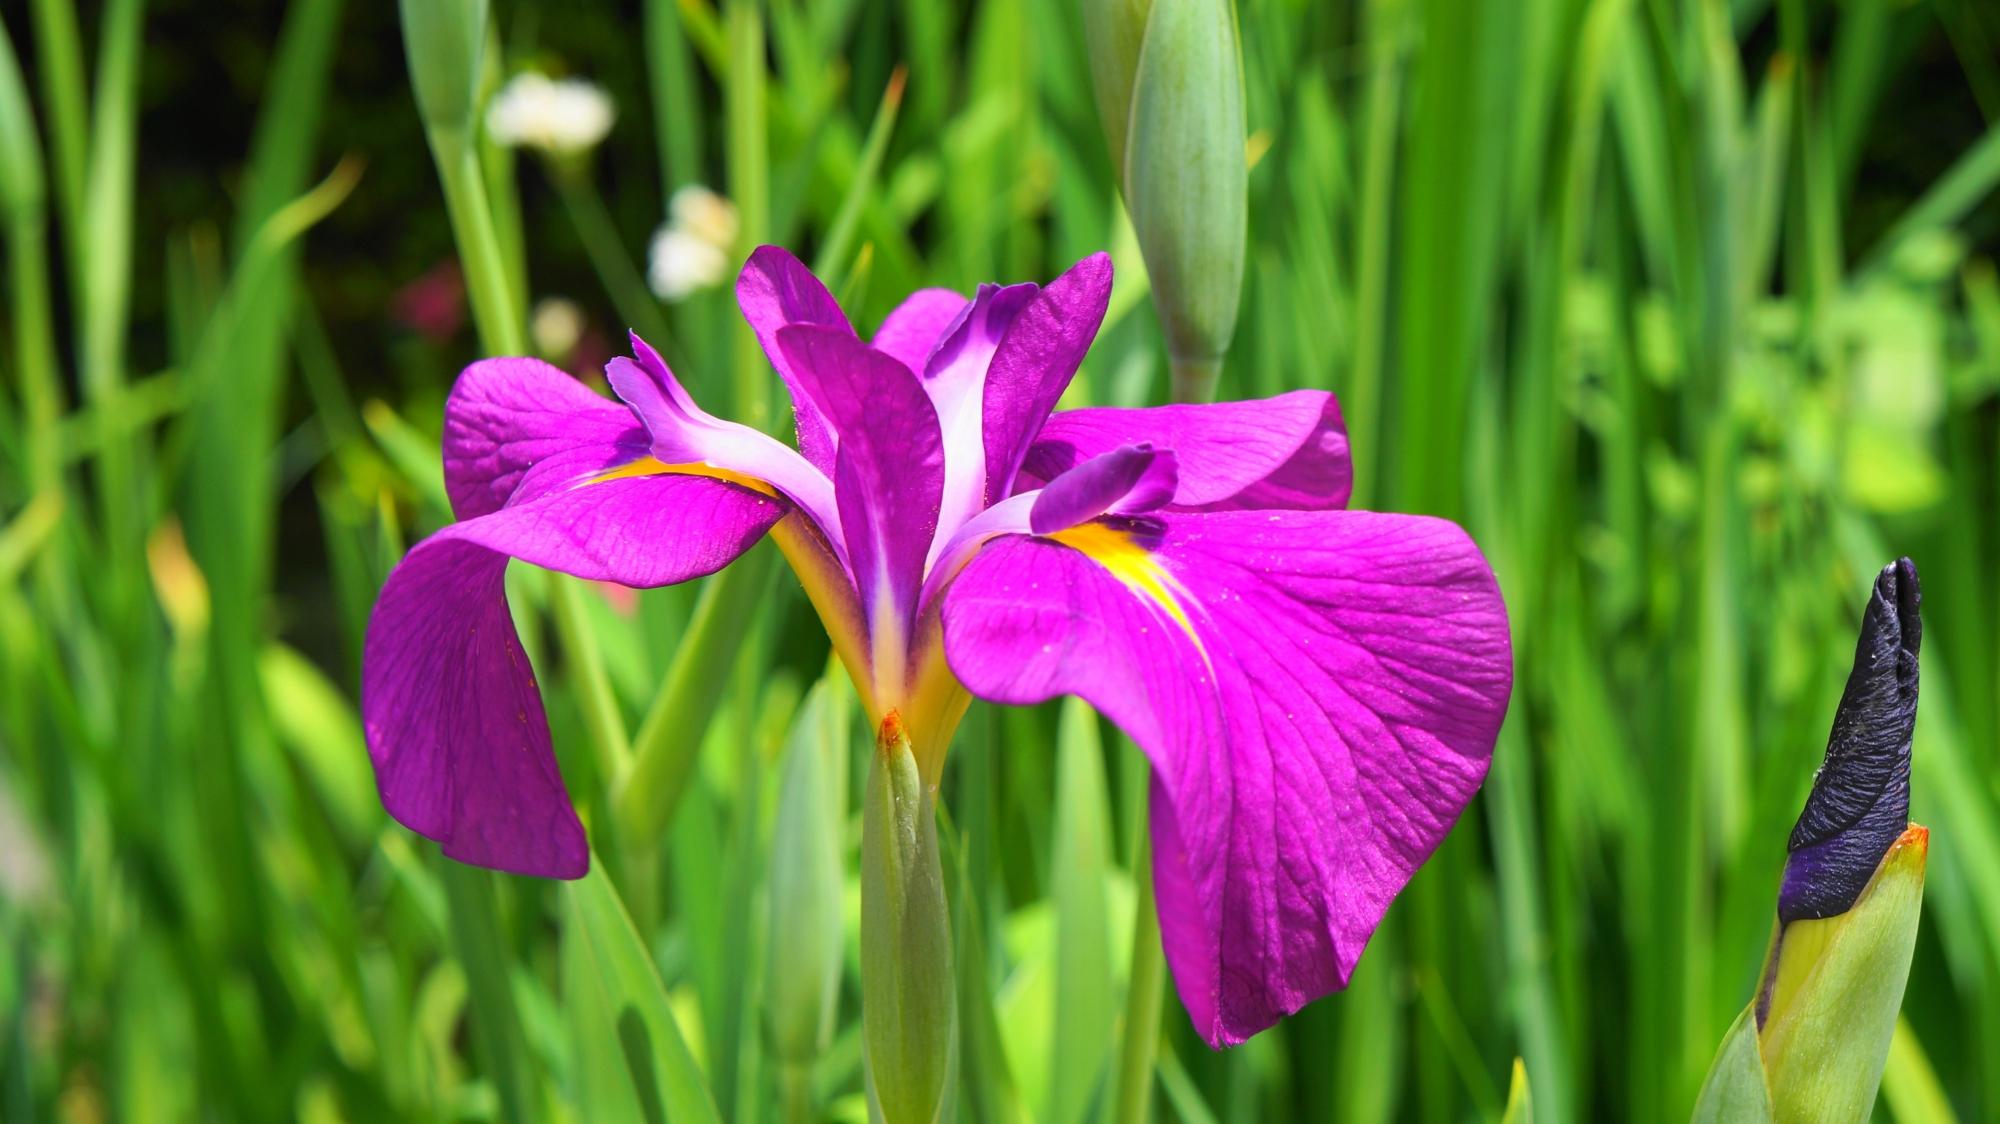 東福寺の方丈前に咲く紫の鮮やかな色合いの花菖蒲(はなしょうぶ)